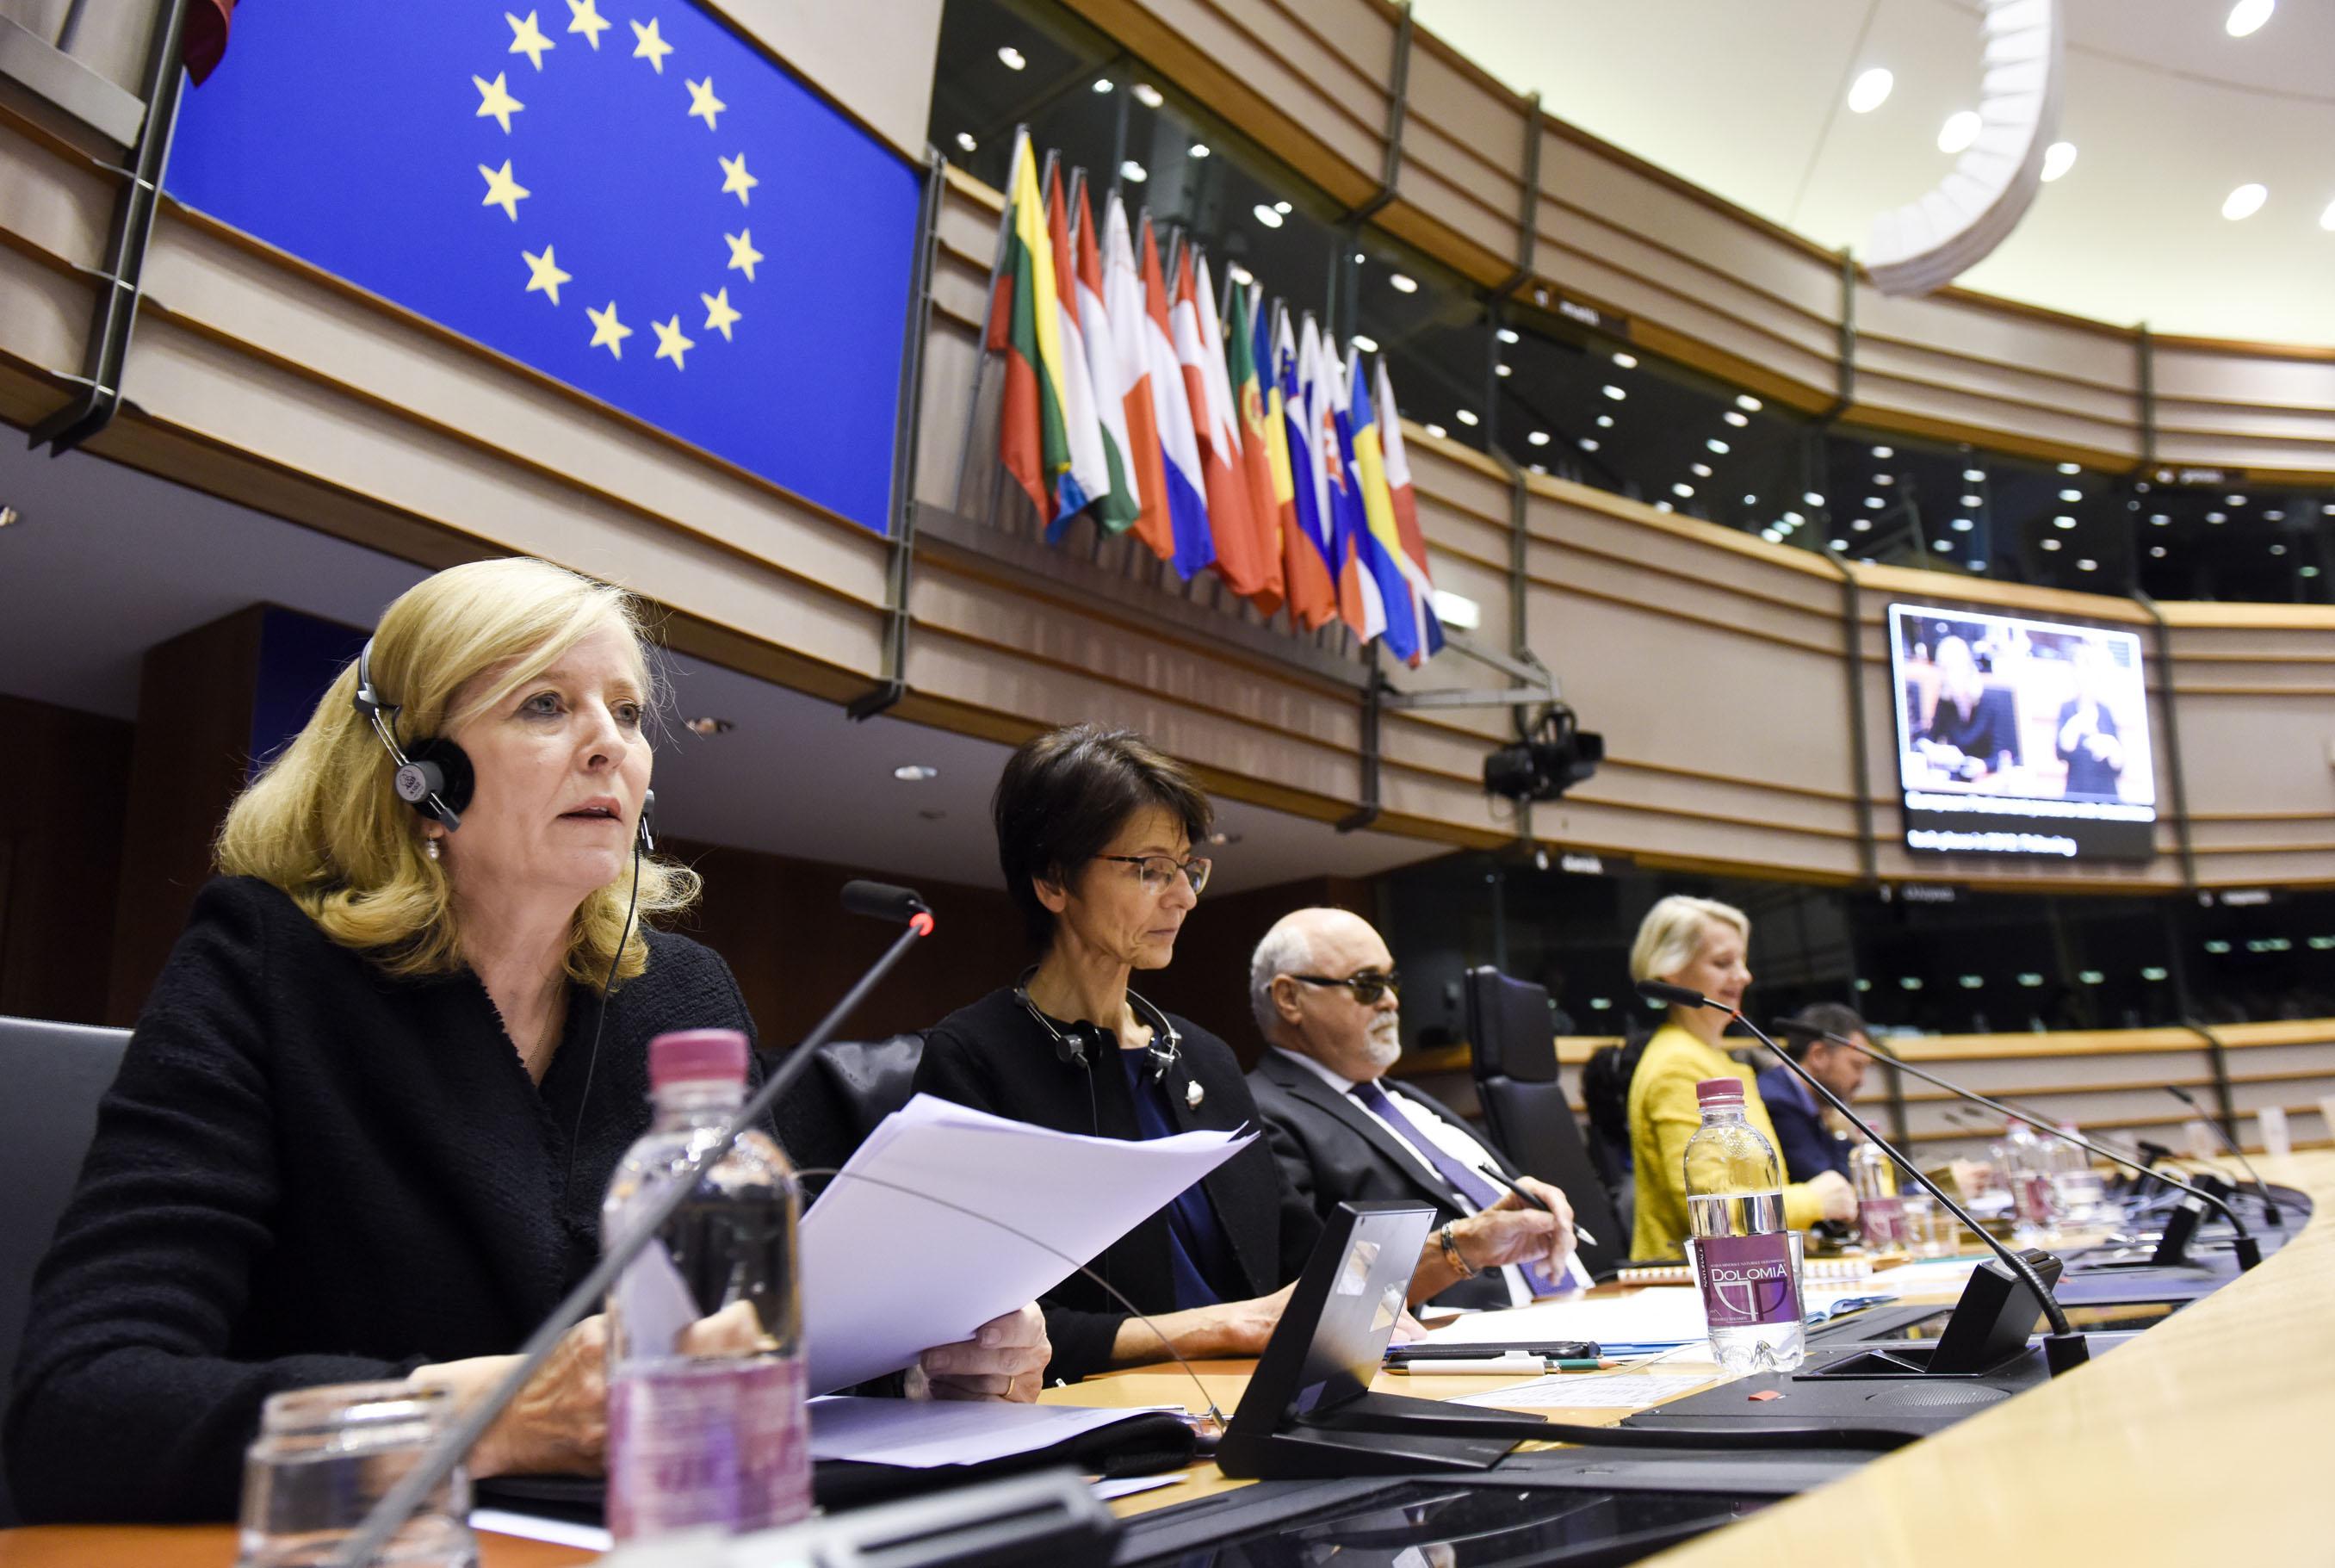 De Europese ombudsvrouw spreekt tijdens het vierde Europees Parlement van personen met een handicap.